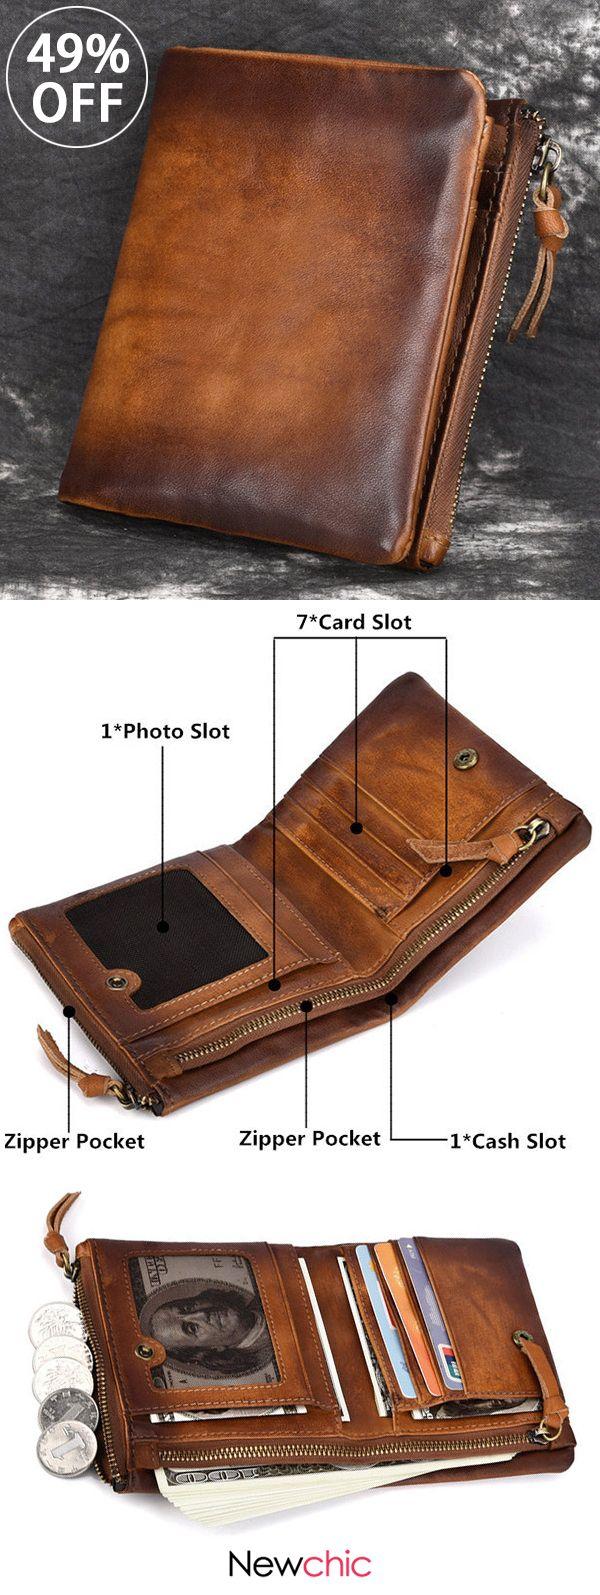 [49%off]Men Genuine Leather Vintage Short Wallet Double Zipper Coin Purse 7 Card Slot  #bags #wallet #vintage #purses